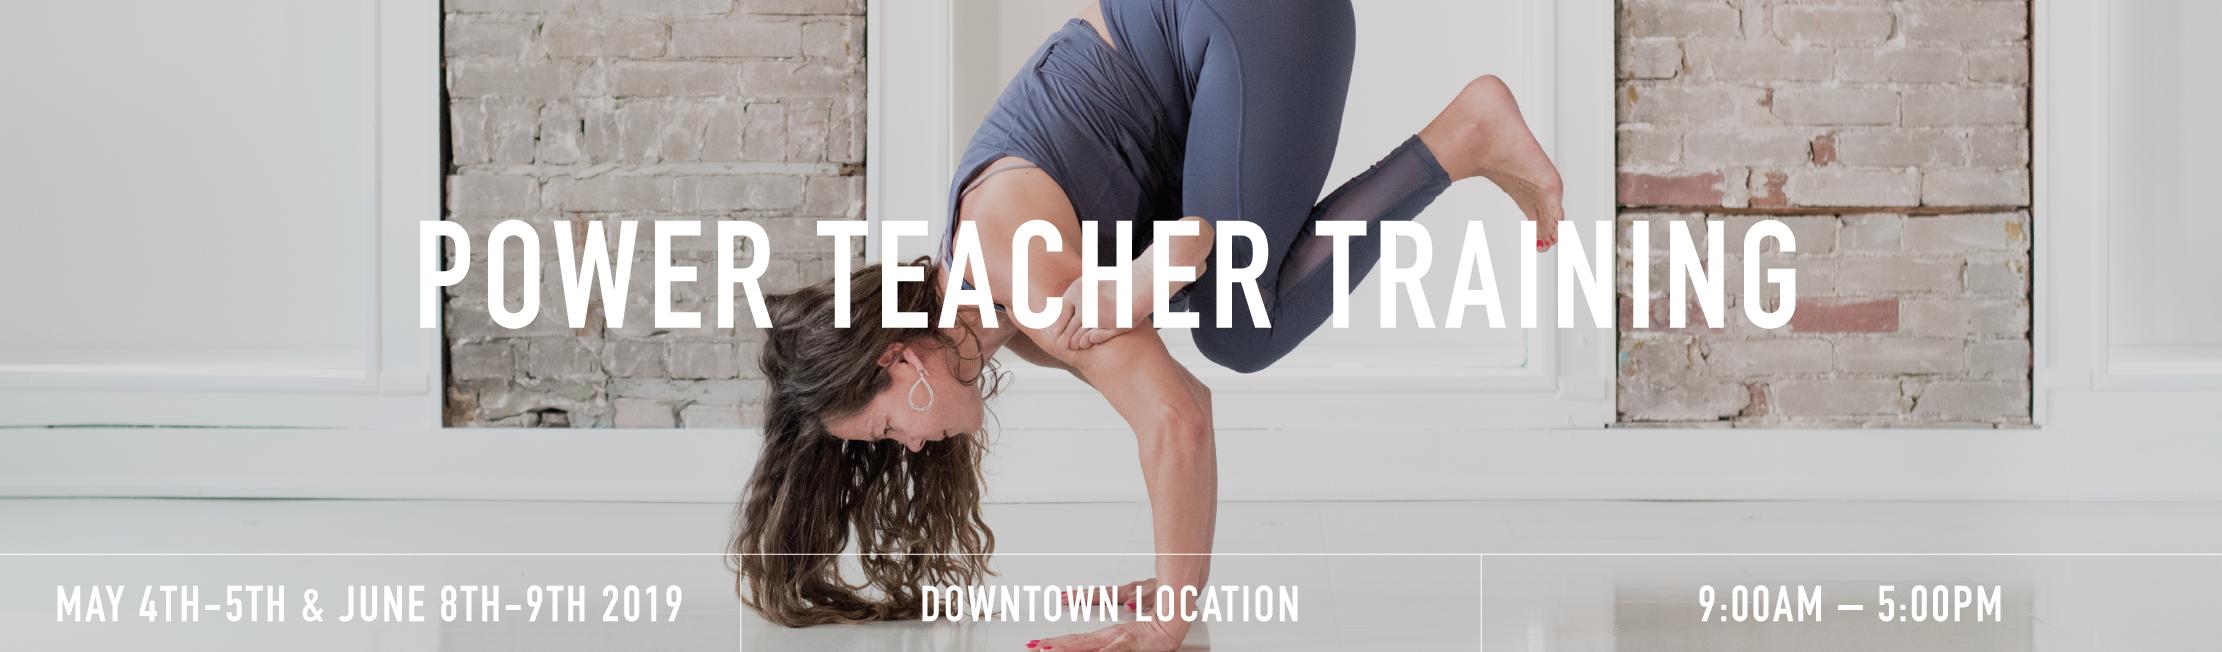 Power teacher training banner